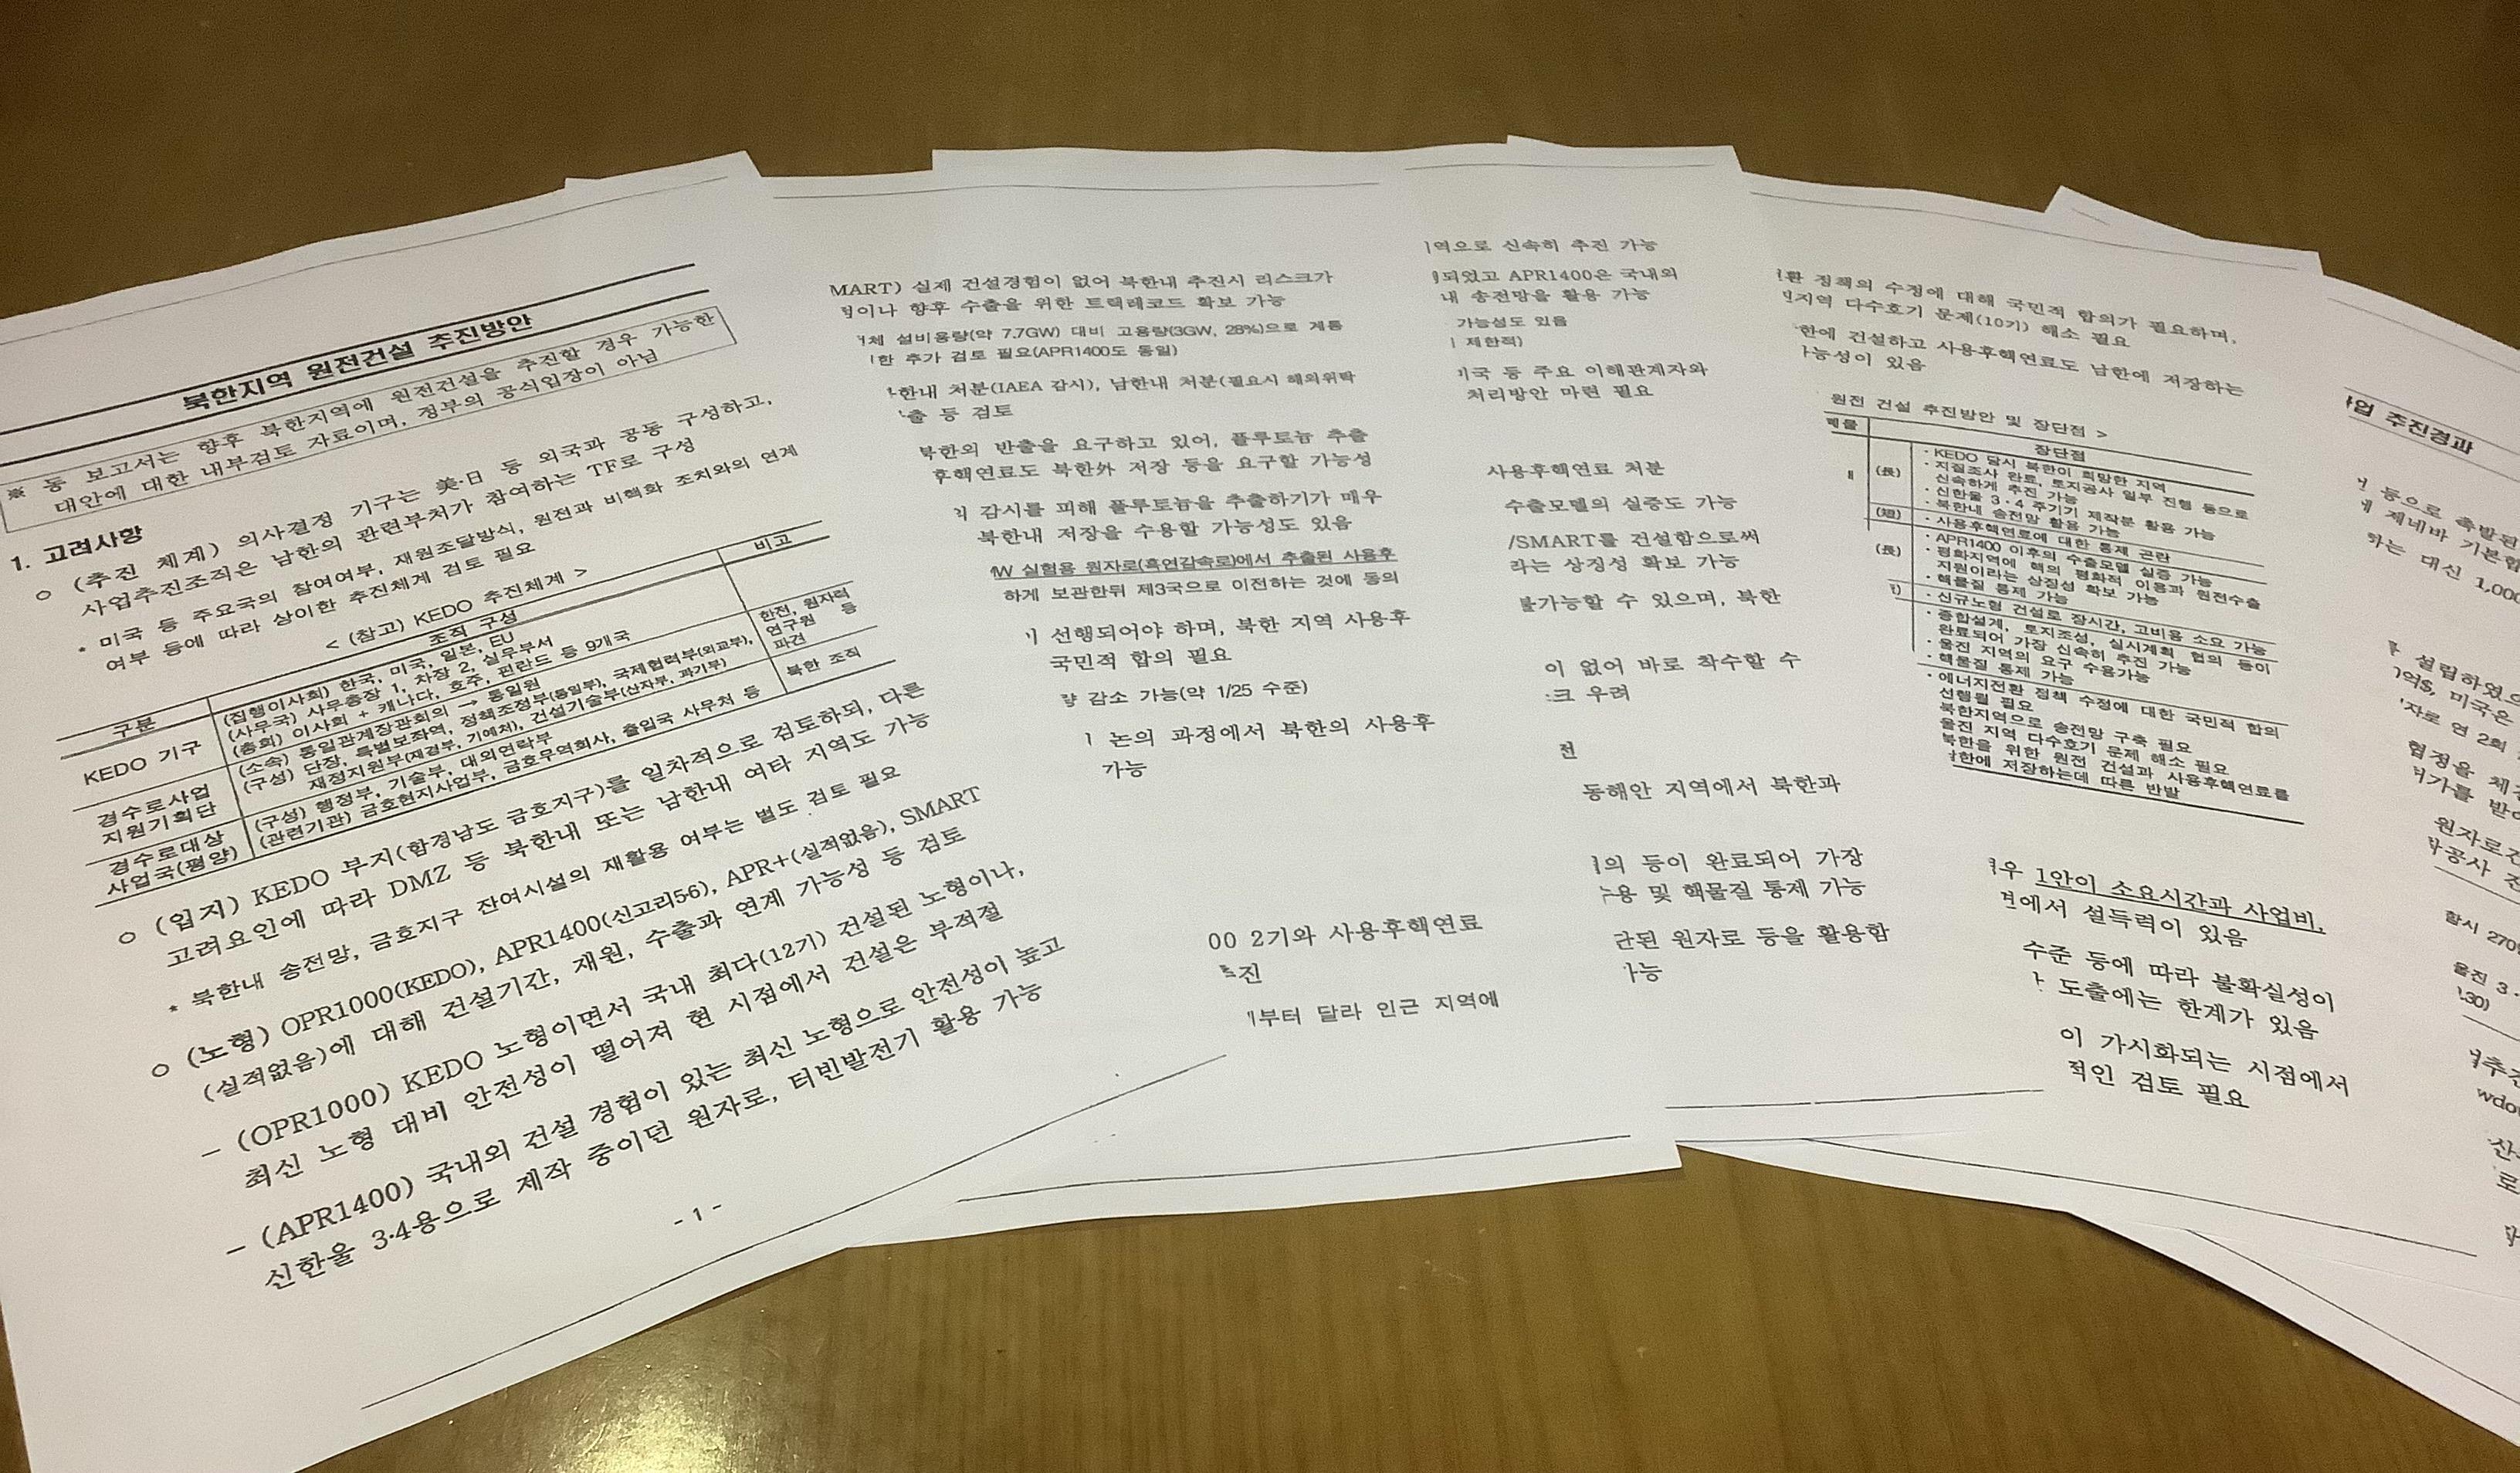 산업부 북한 원전 문서.jpg